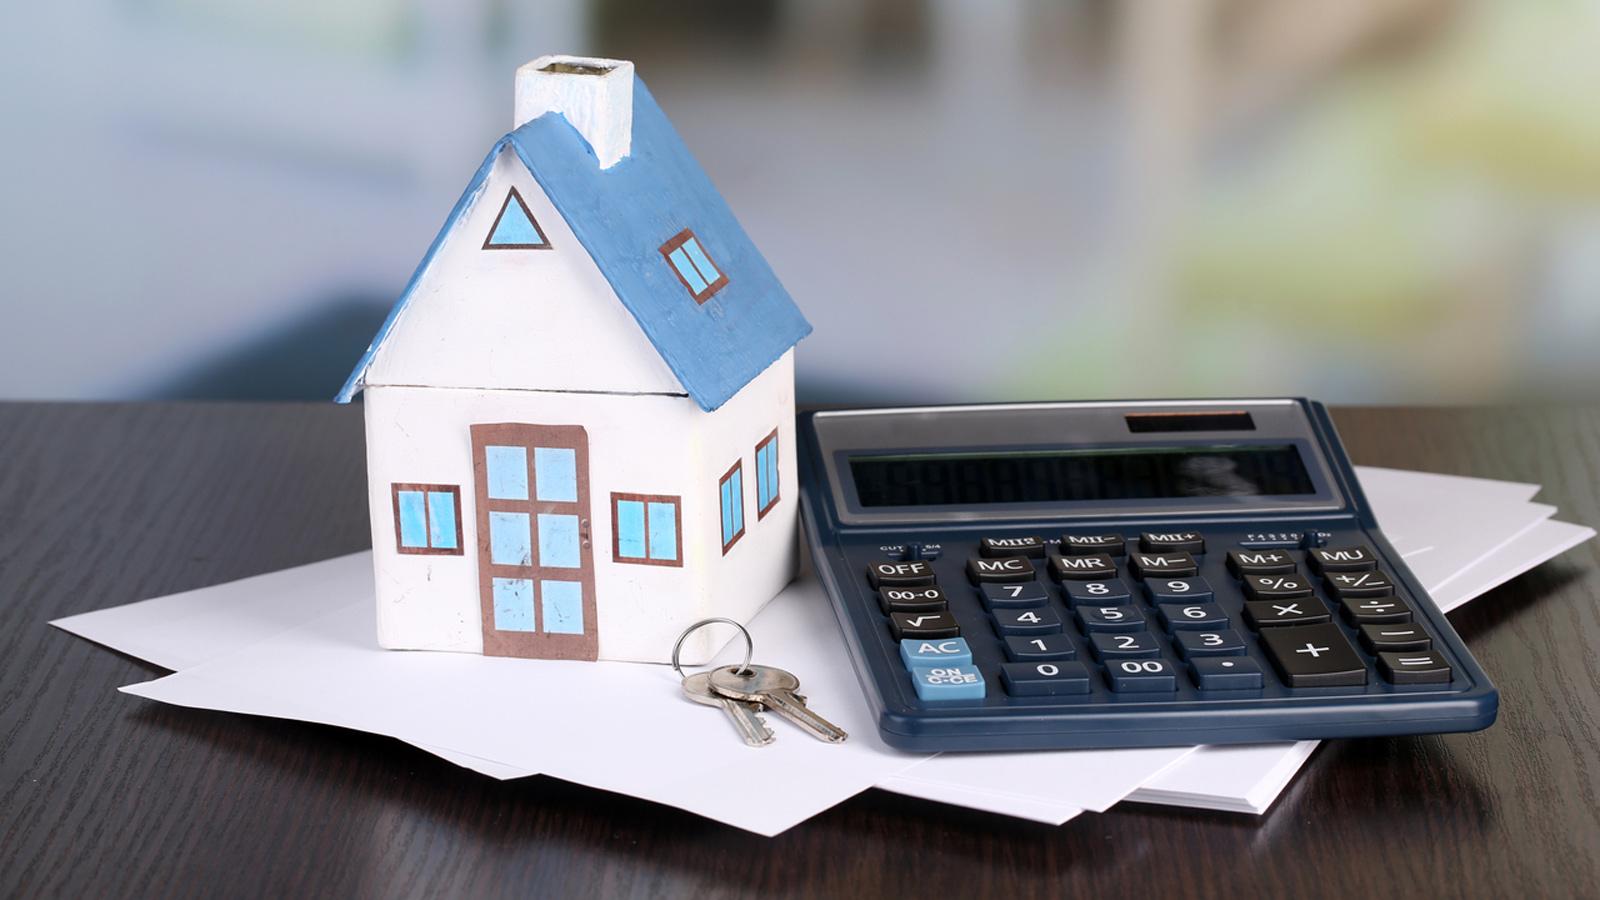 قیمت اجاره یک واحد تجاری و اداری در منطقه توانیر چقدر است؟ + جدول